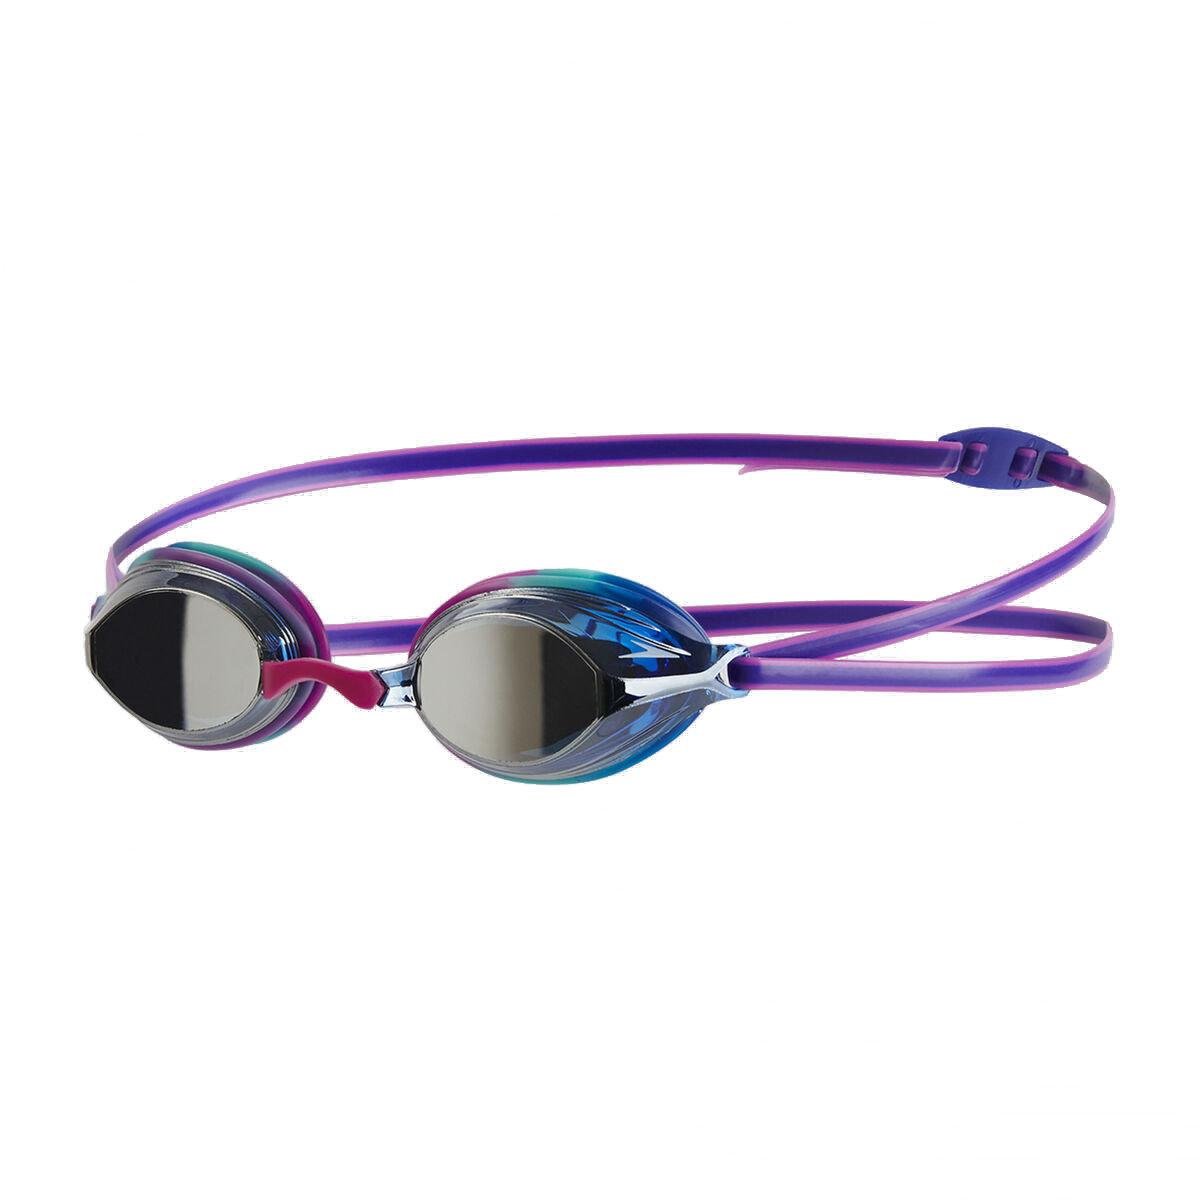 少年 Vengeance 競賽訓練鍍膜泳鏡-紫 / 藍 / 銀